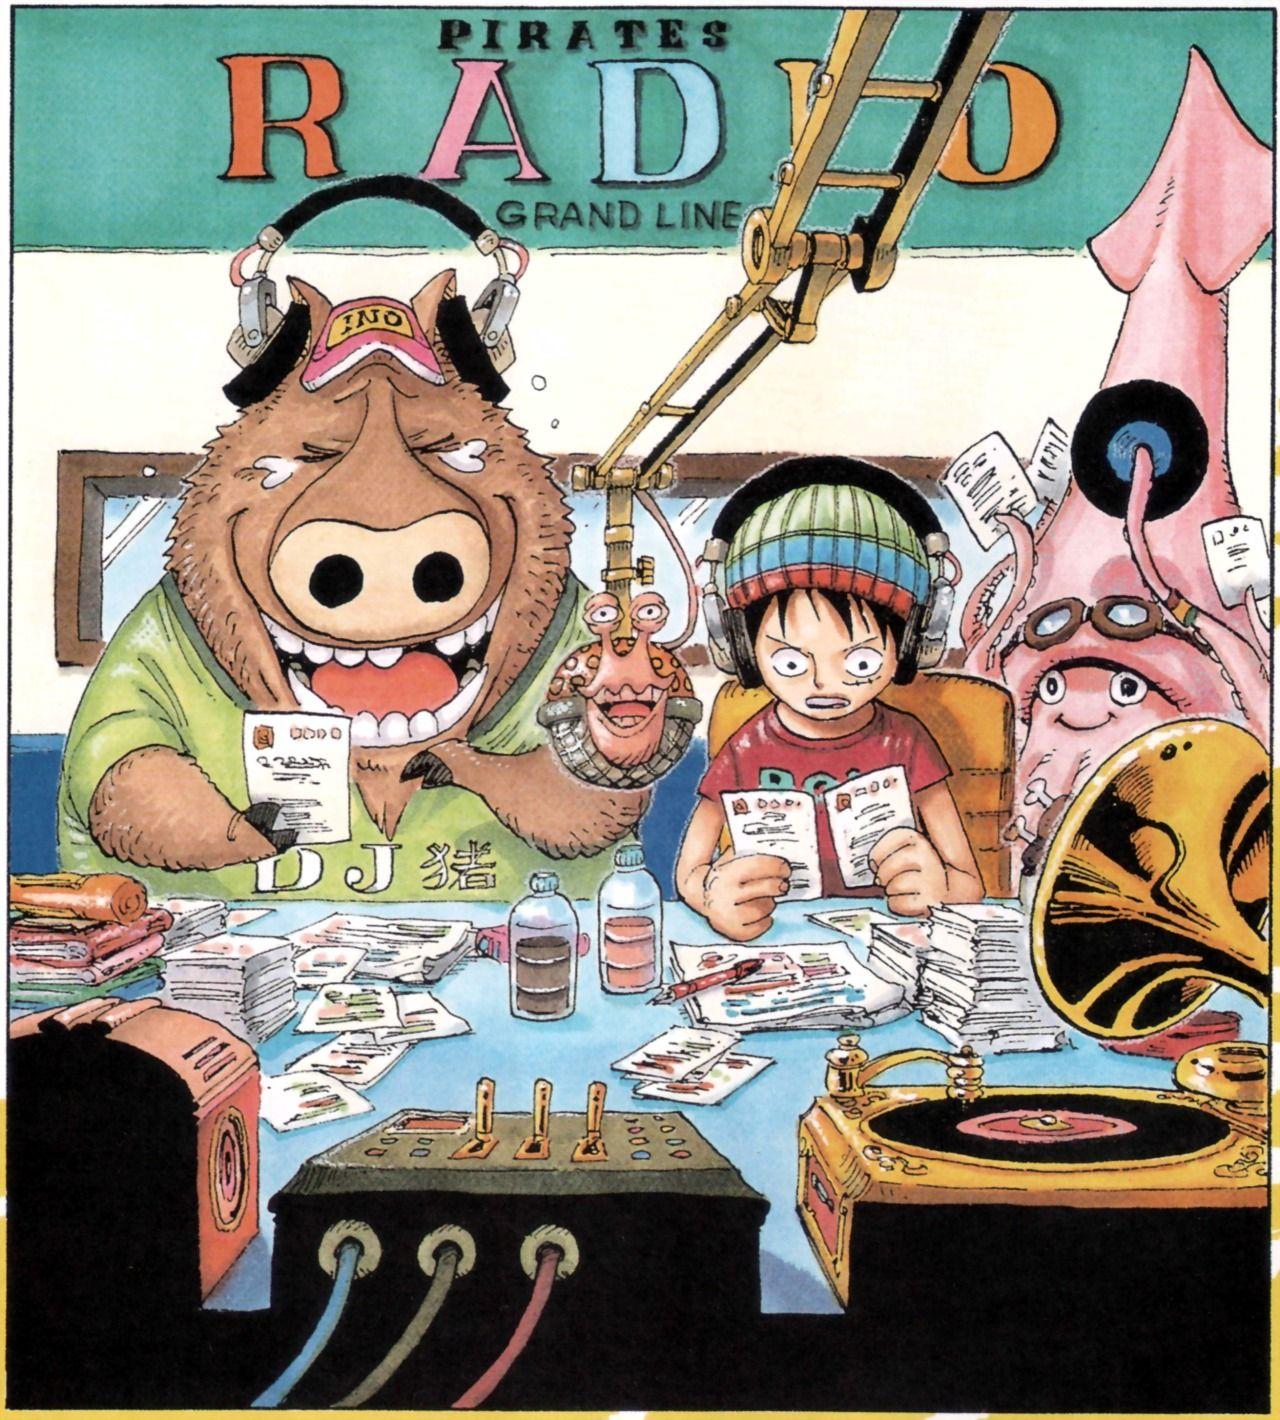 Eiichiro Oda One Piece (With images) One piece manga